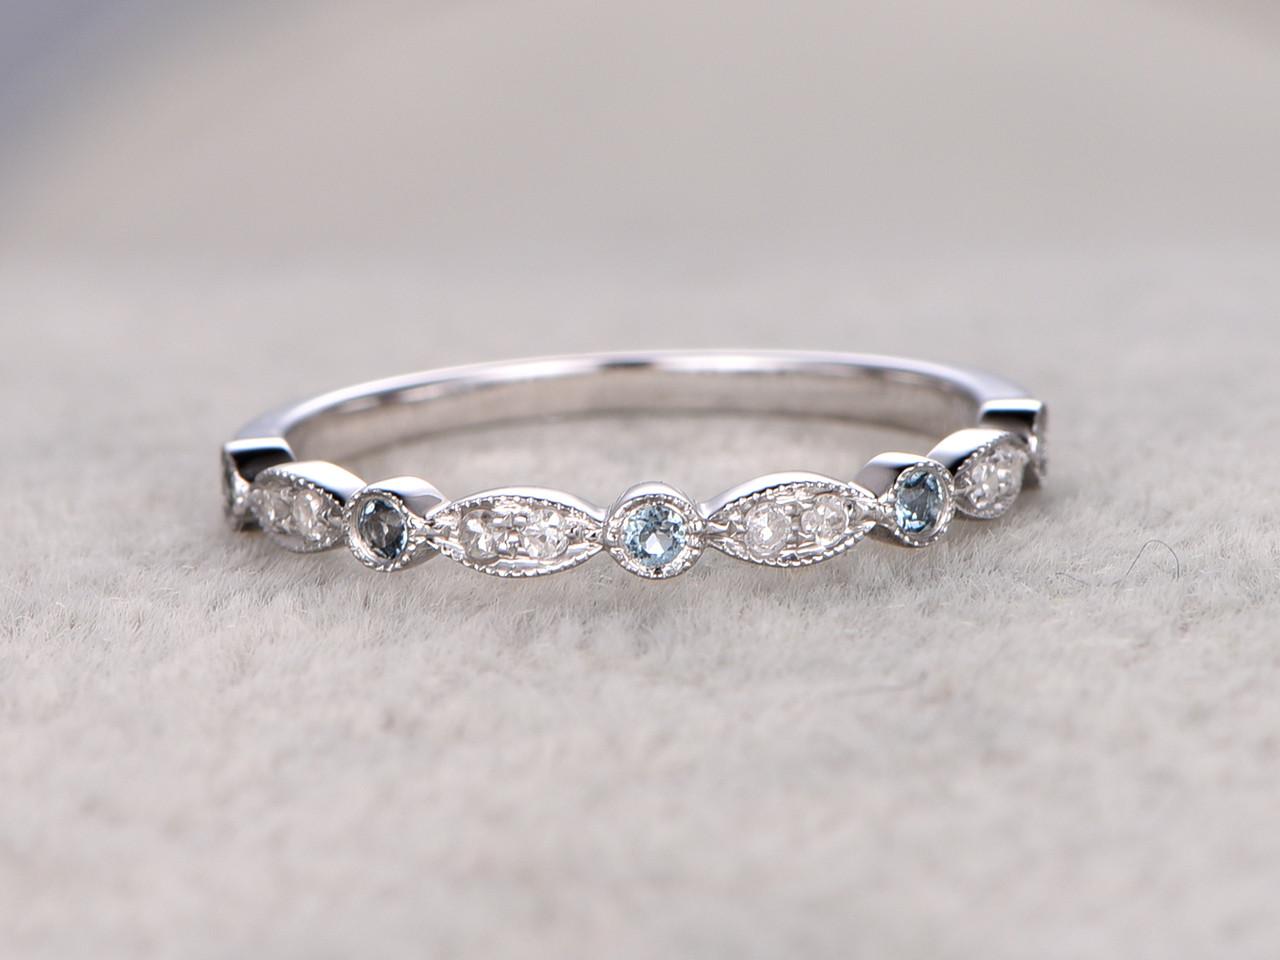 Blue Topaz And Diamond Wedding Rings 14k White Gold